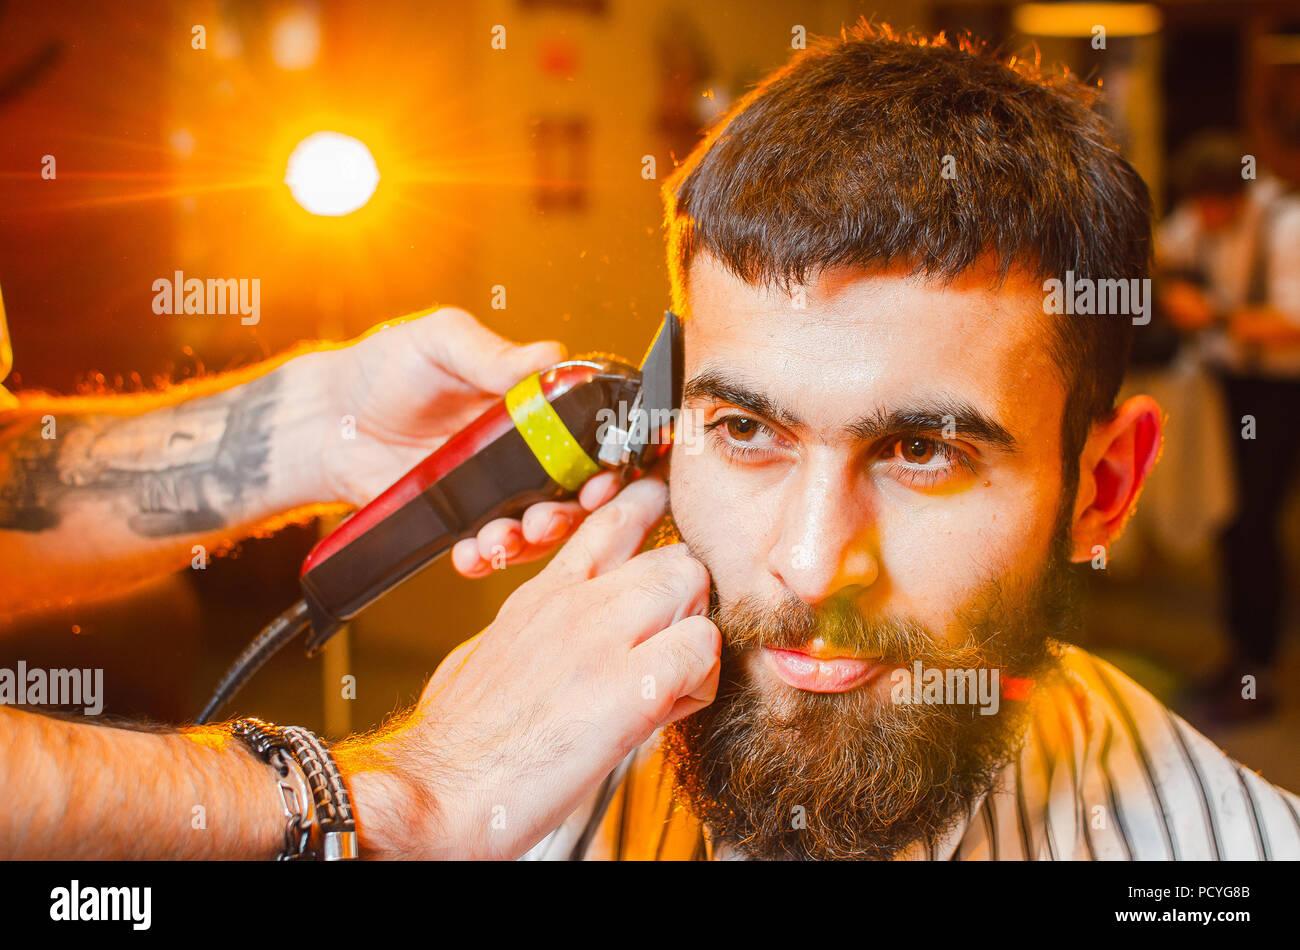 Barbiere fa un taglio di capelli sulla sua testa con un rifinitore per un  giovane ragazzo c14264fbee62